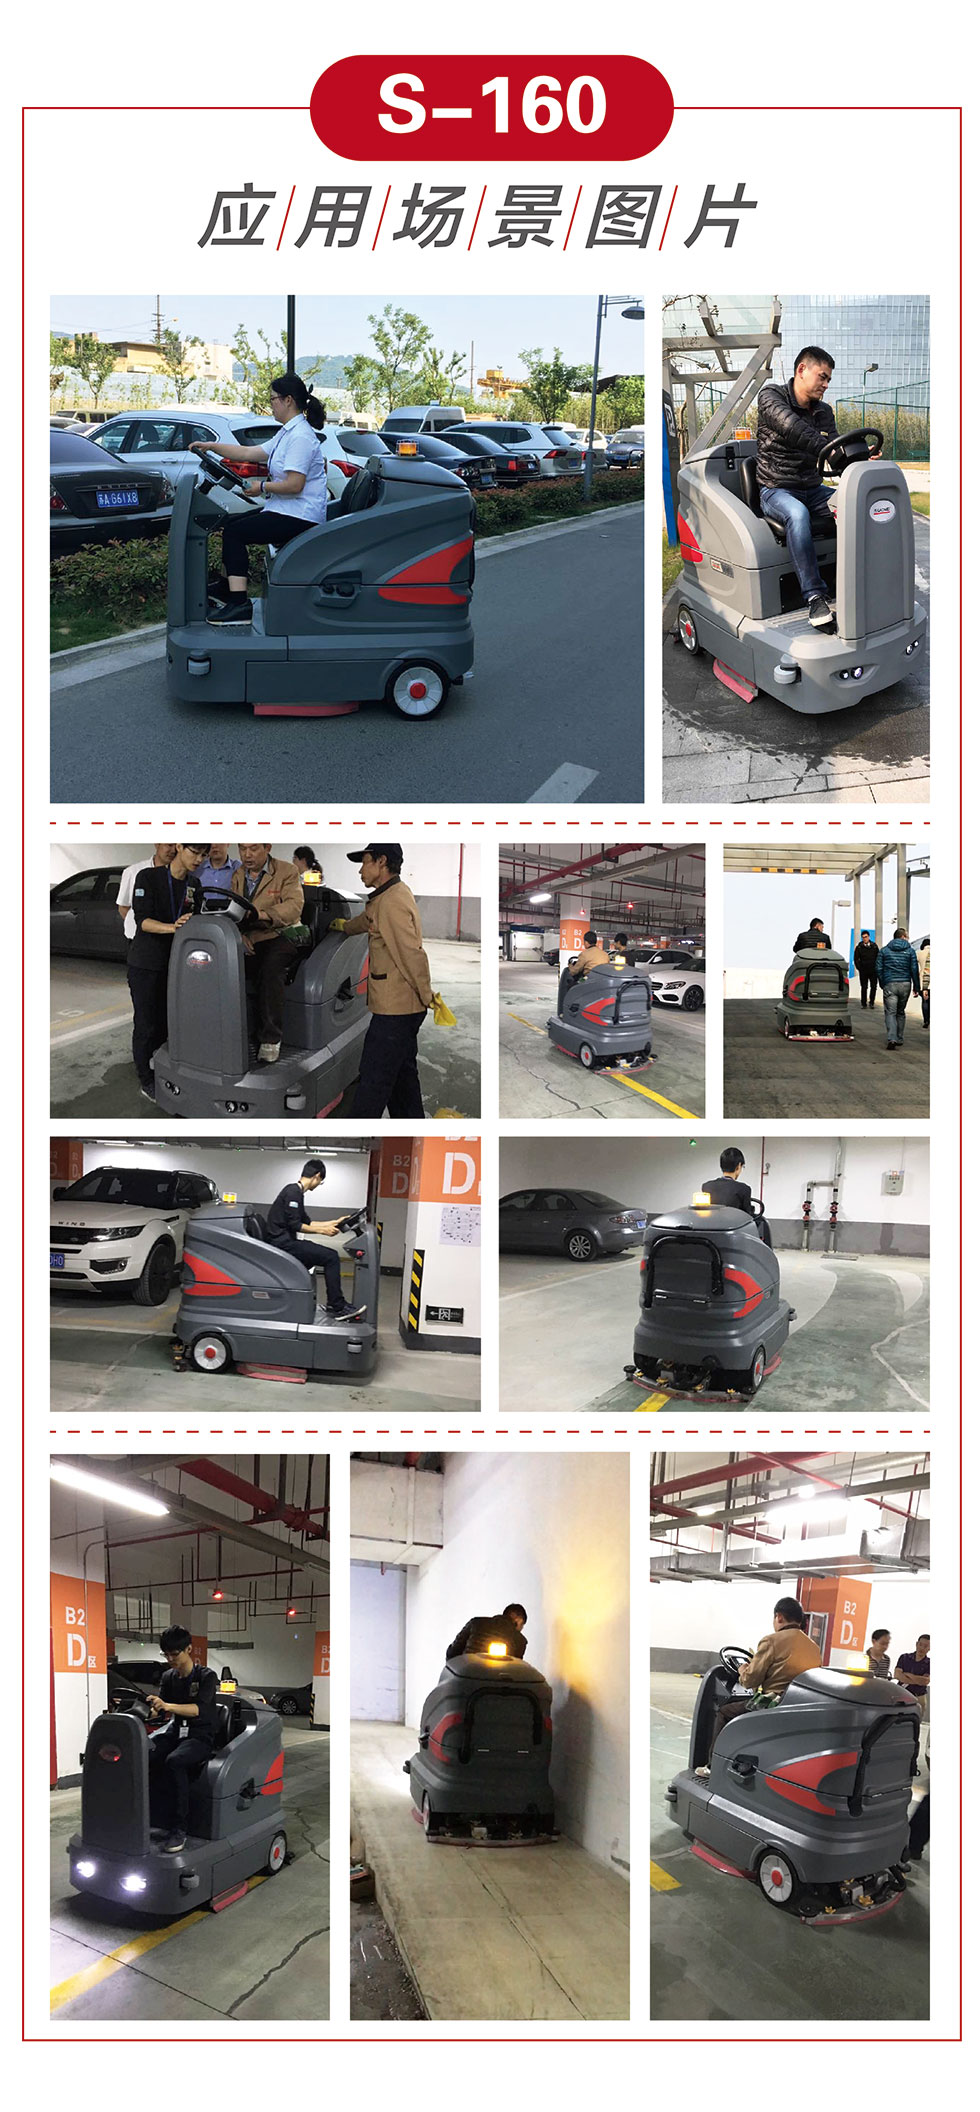 高美S-160智慧型洗地车应用场景图片12